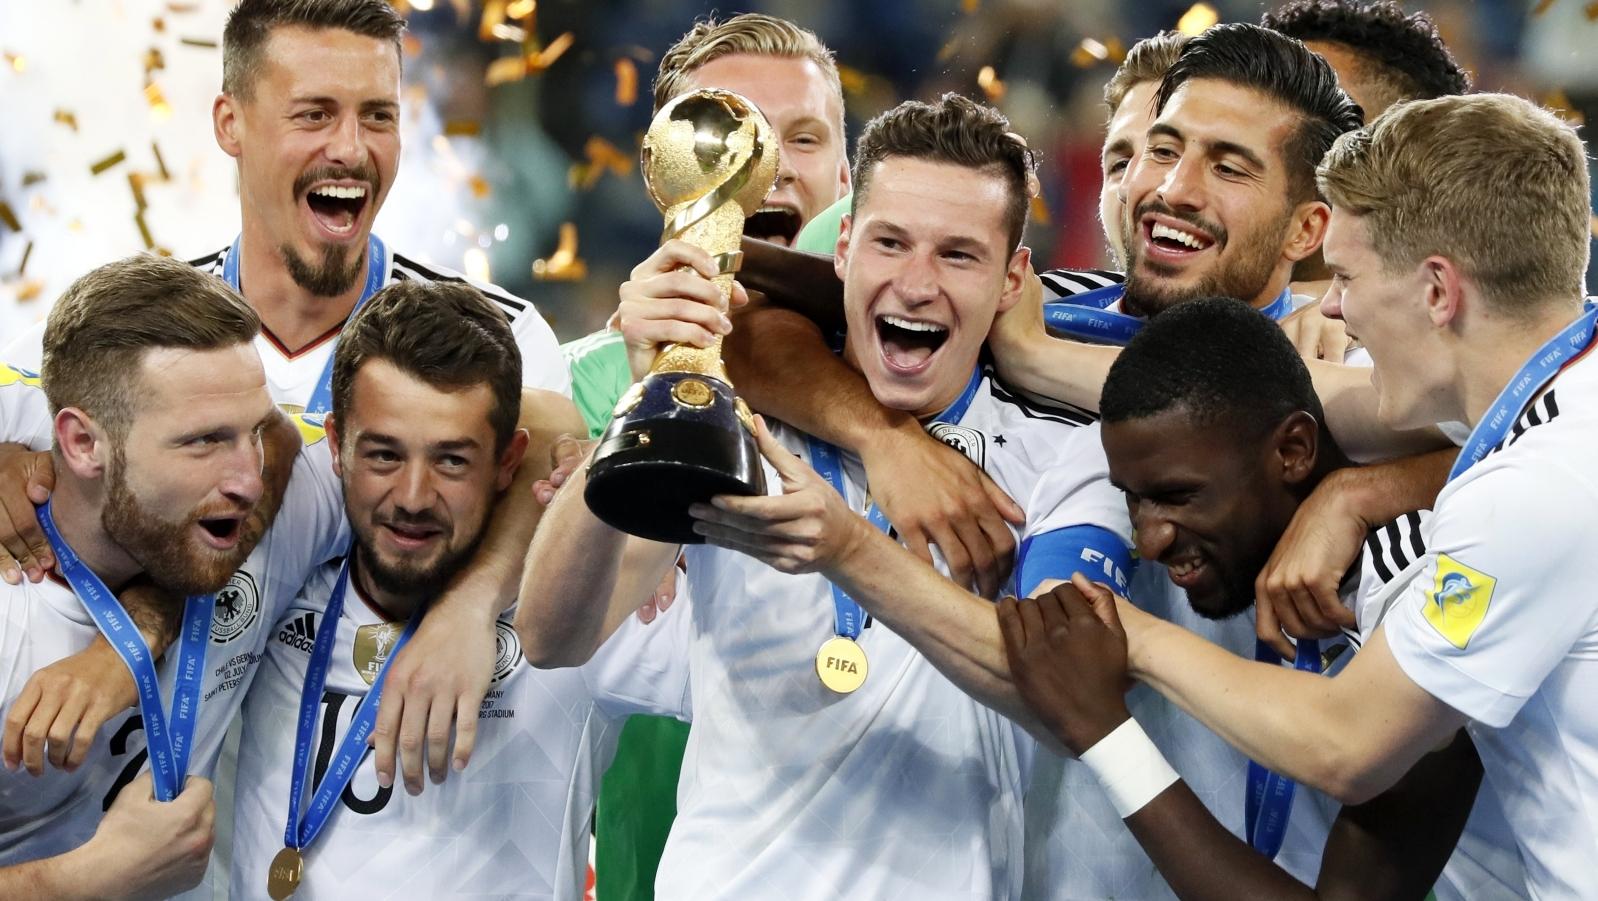 6c2c37b10 Na zdjęciu piłkarze reprezentacji Niemiec cieszą się z triumfu w Pucharze  Konfederacji FIFA 2017. Fot. PAP/EPA/YURI KOCHETKOV